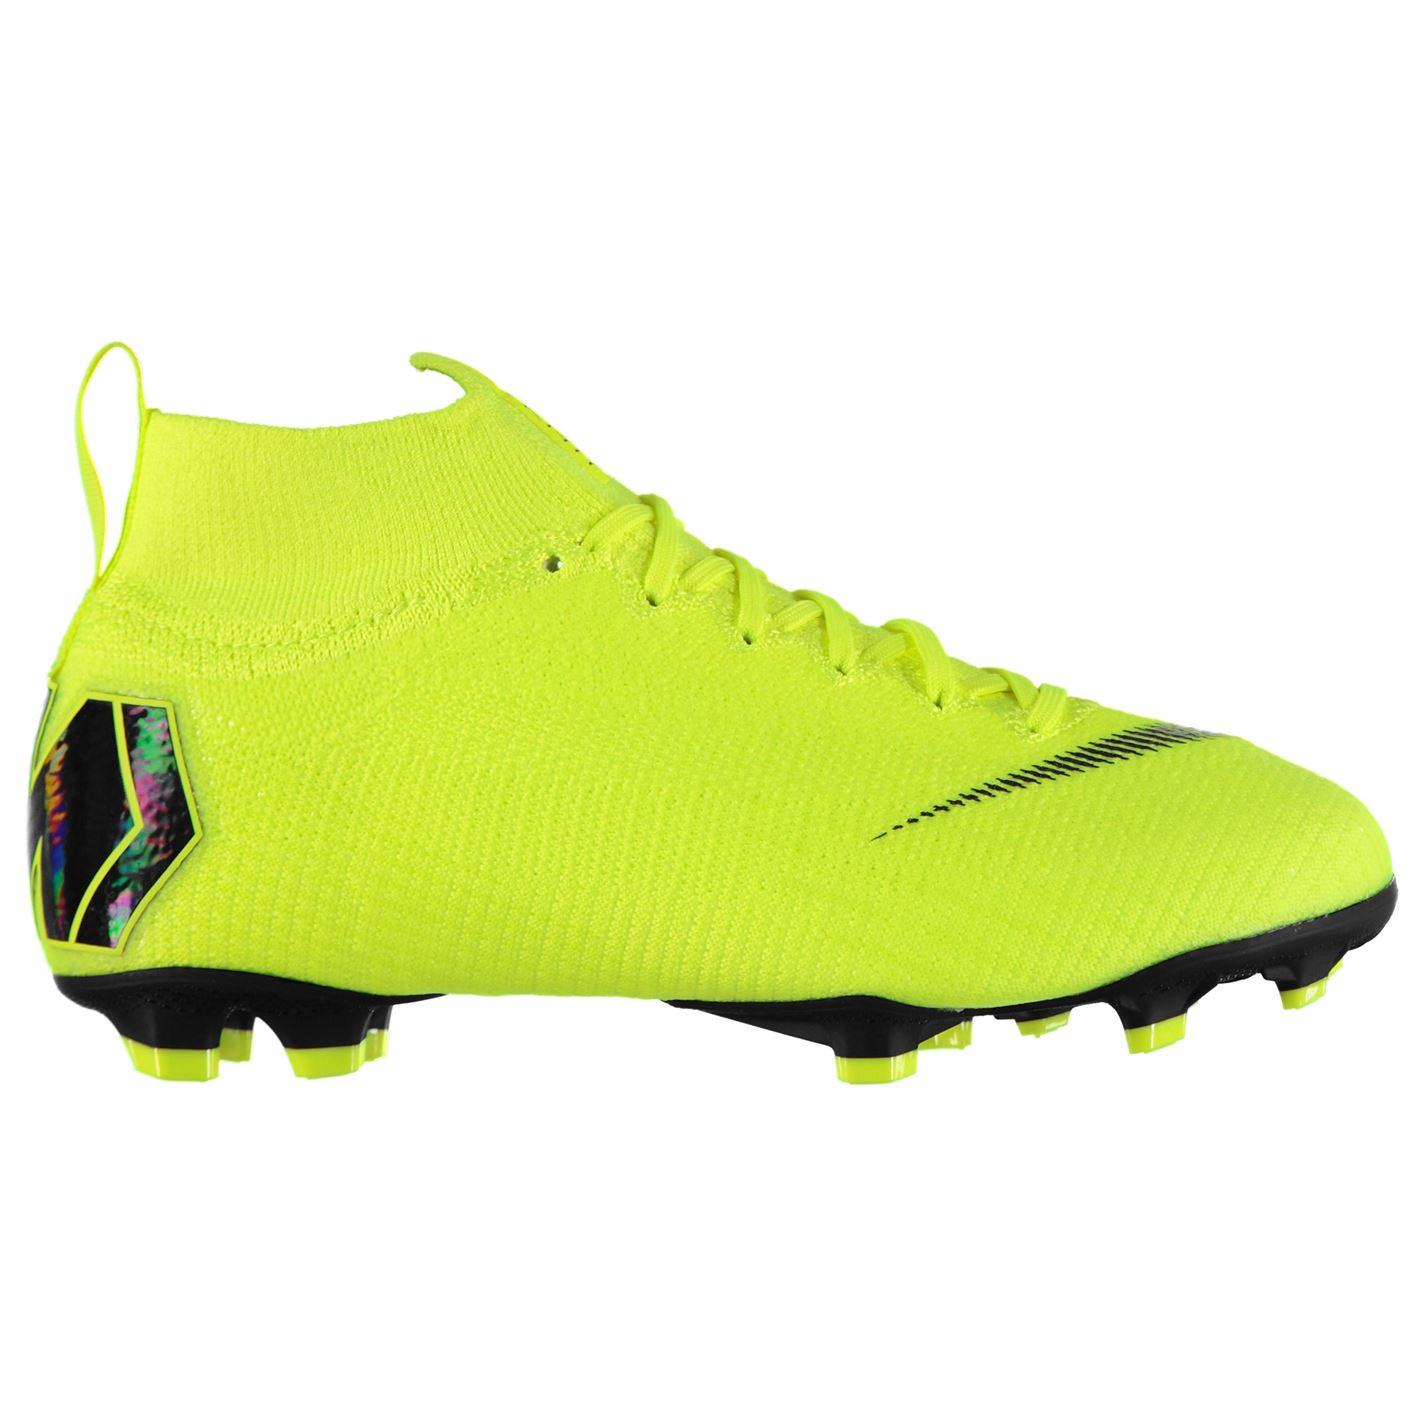 kopačky Nike Mercurial Superfly Elite DF dětské FG